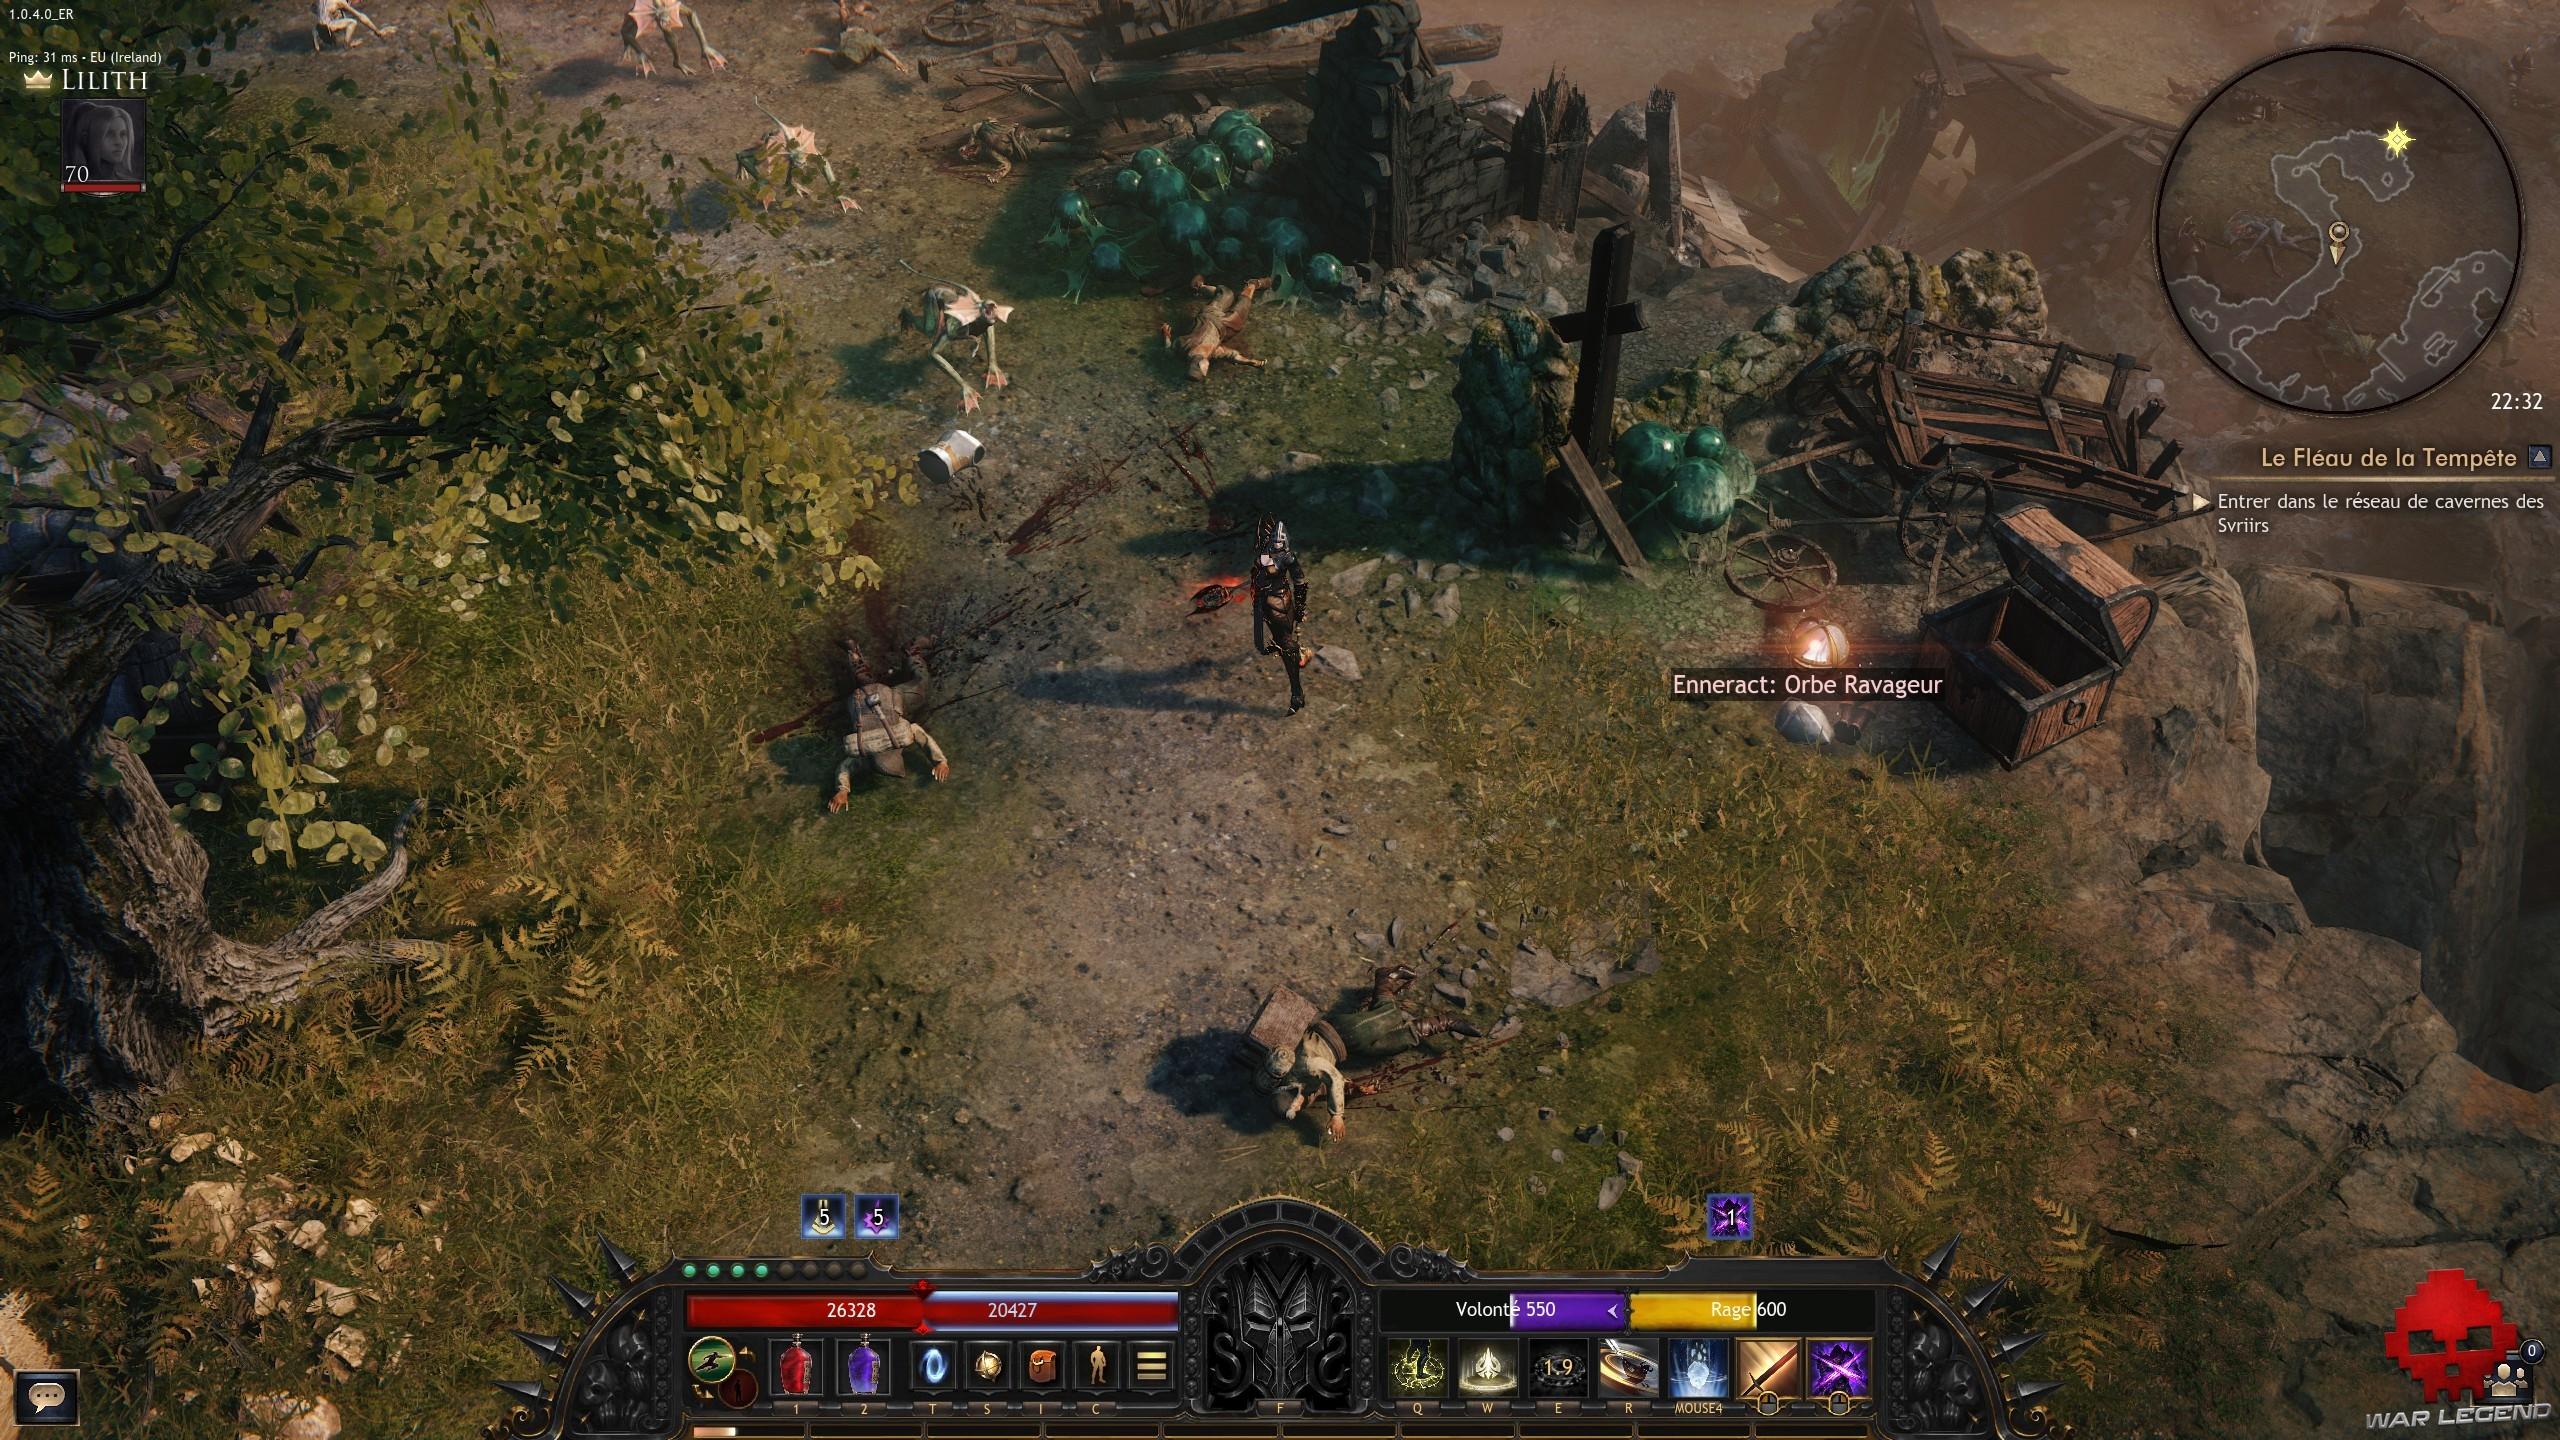 WL wolcen lords of mayhem enneract